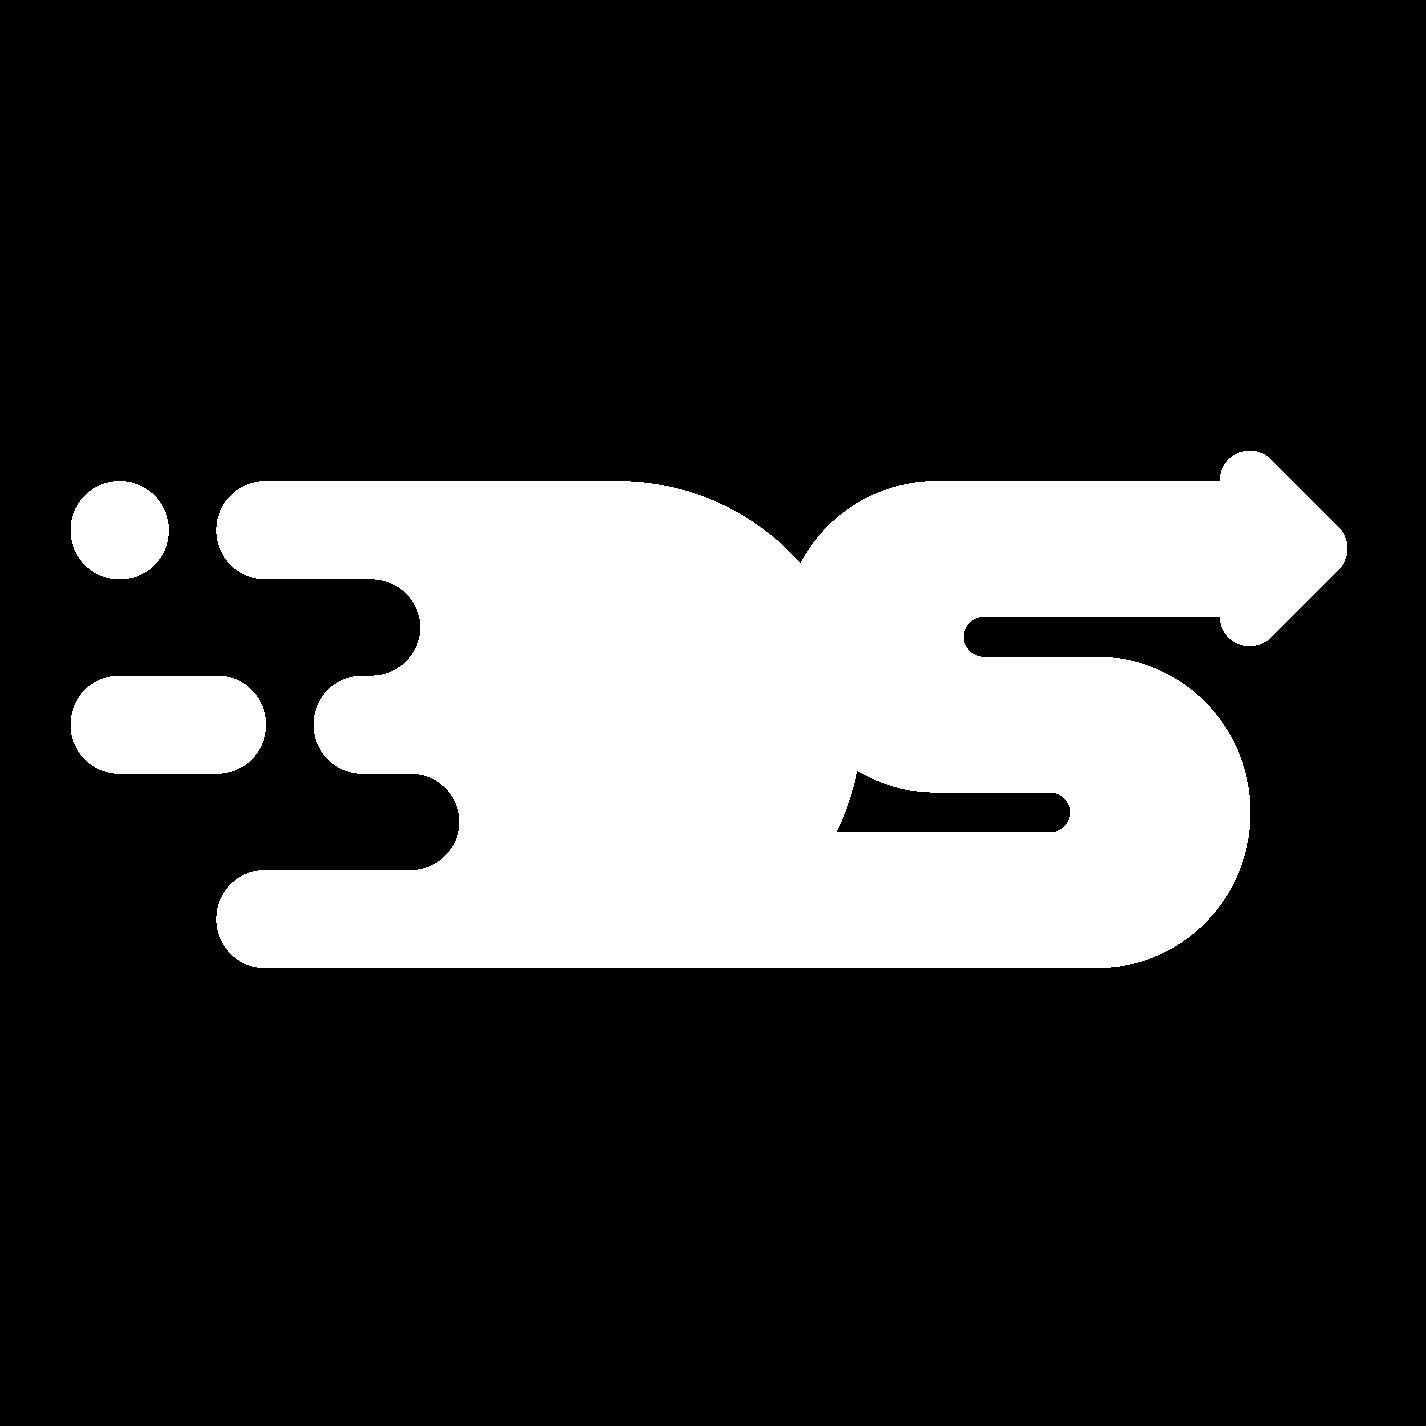 DigitalSkip